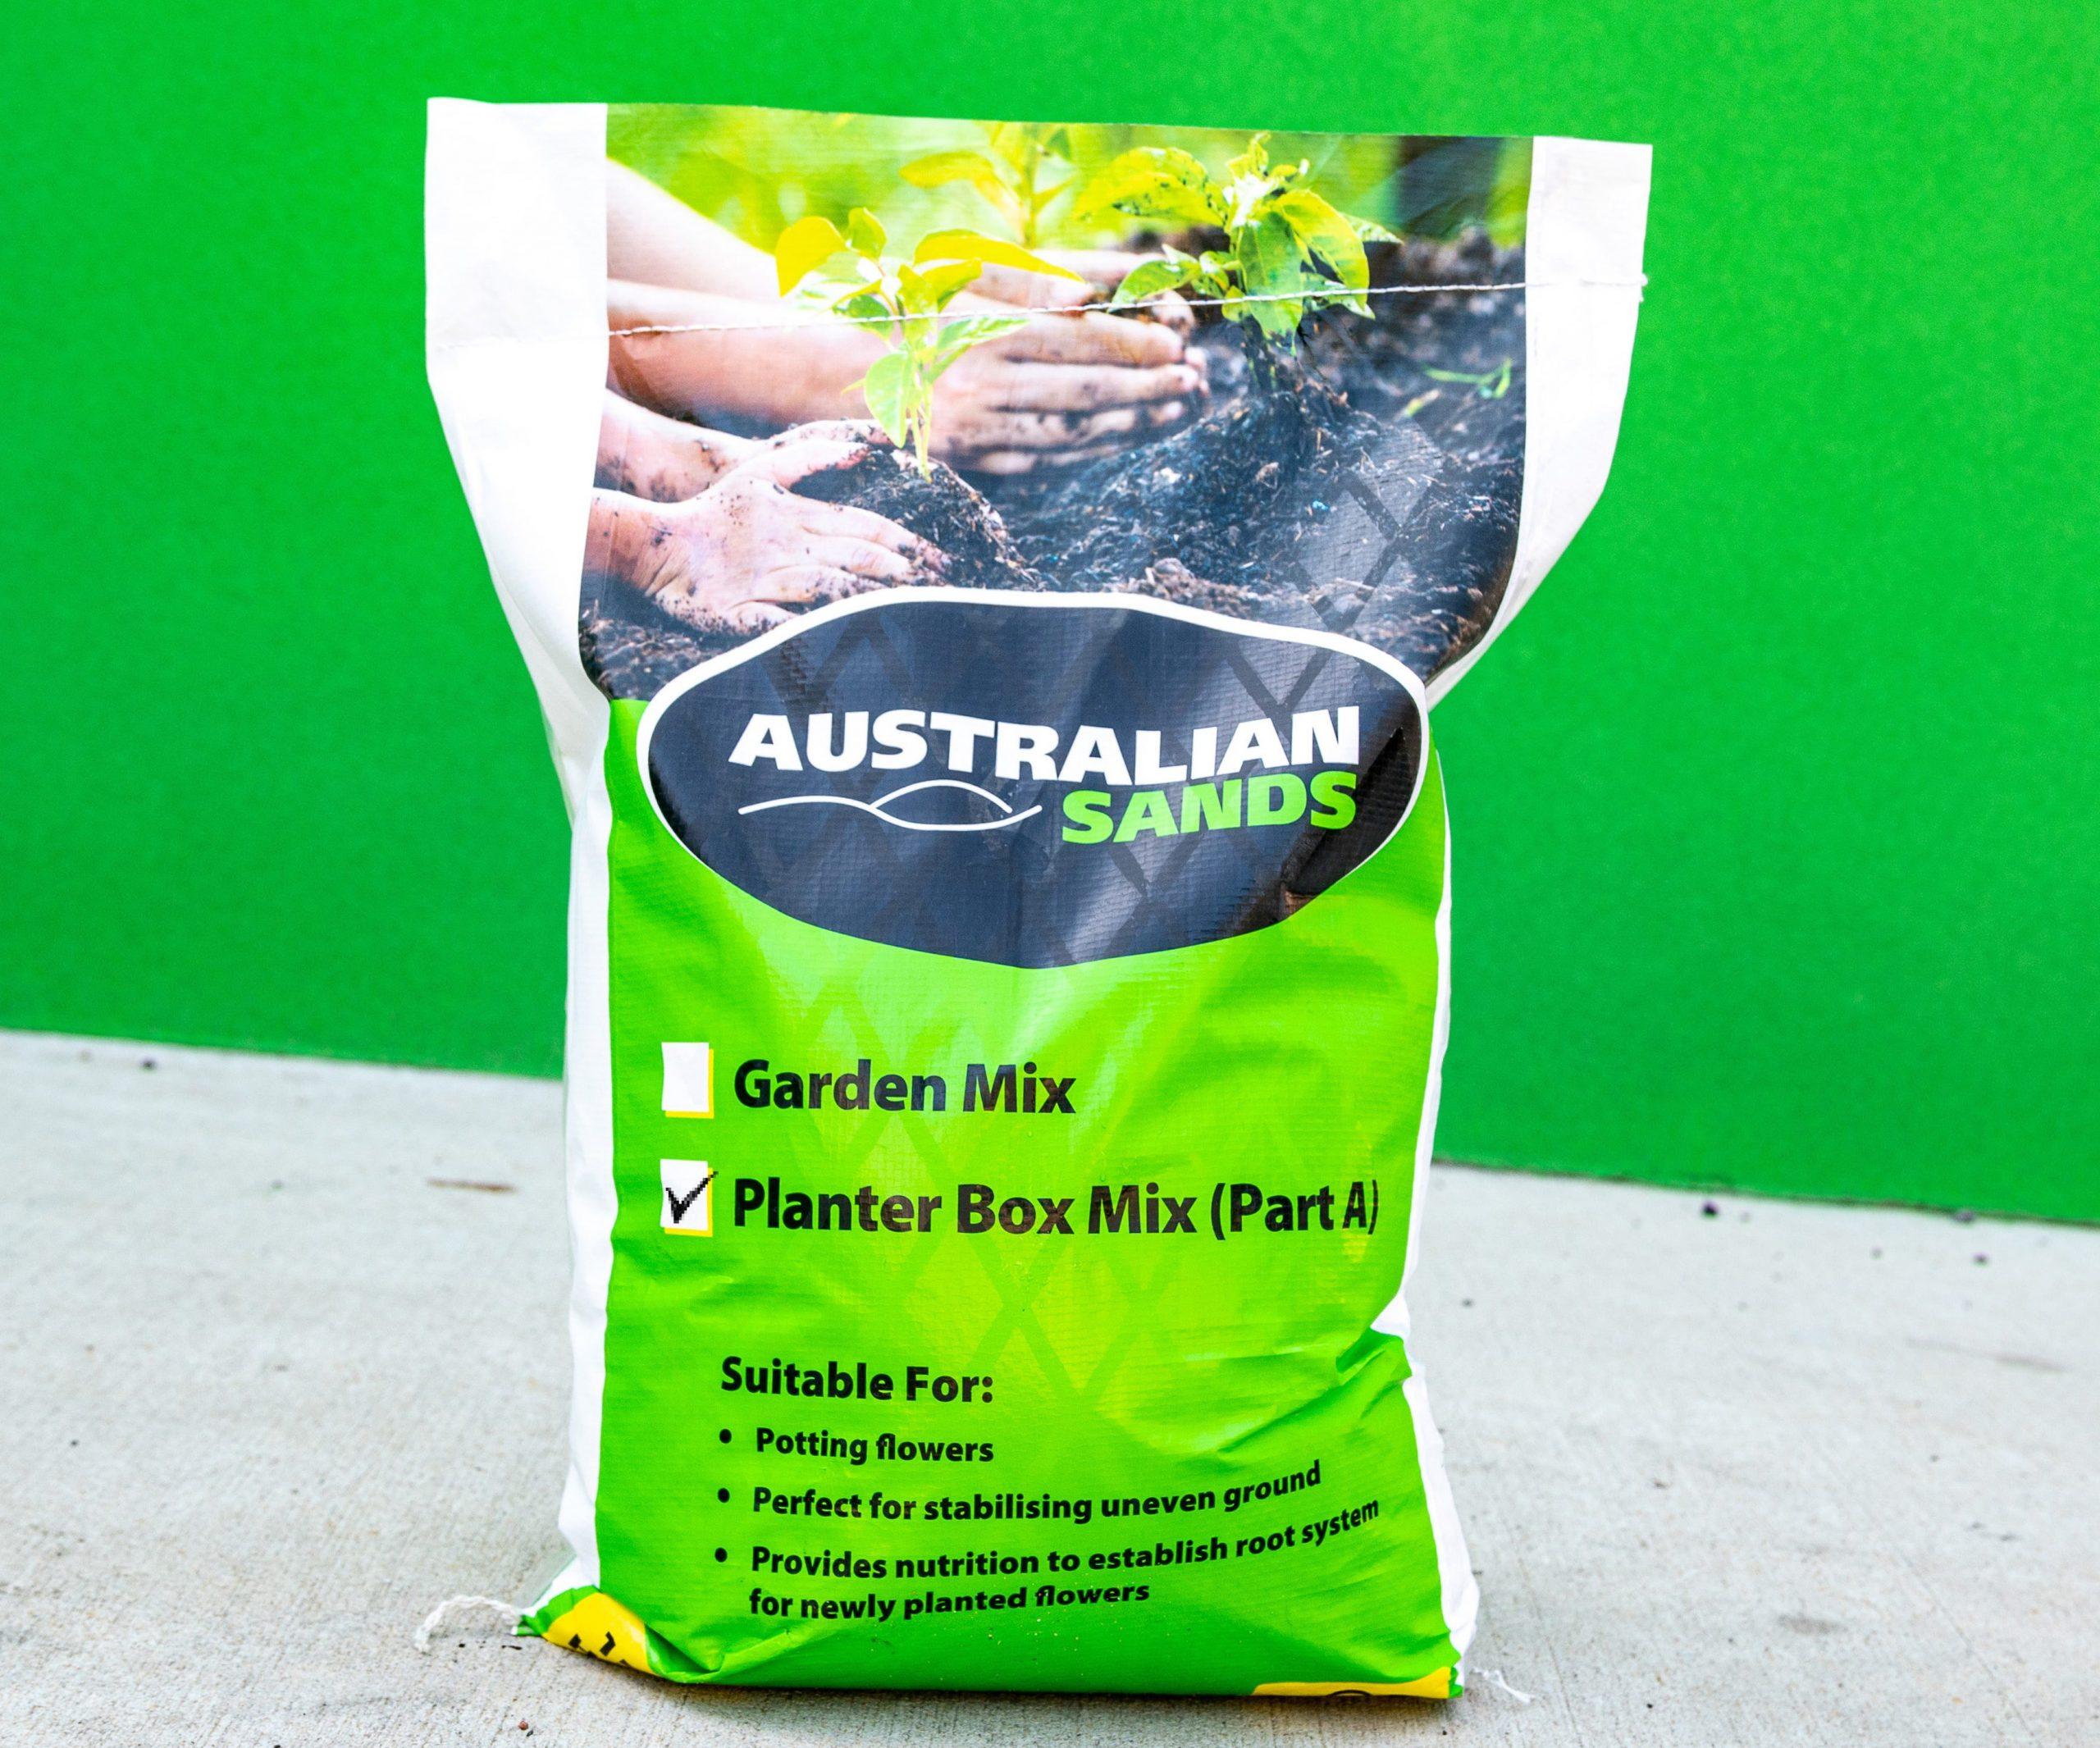 Planter Box Mix